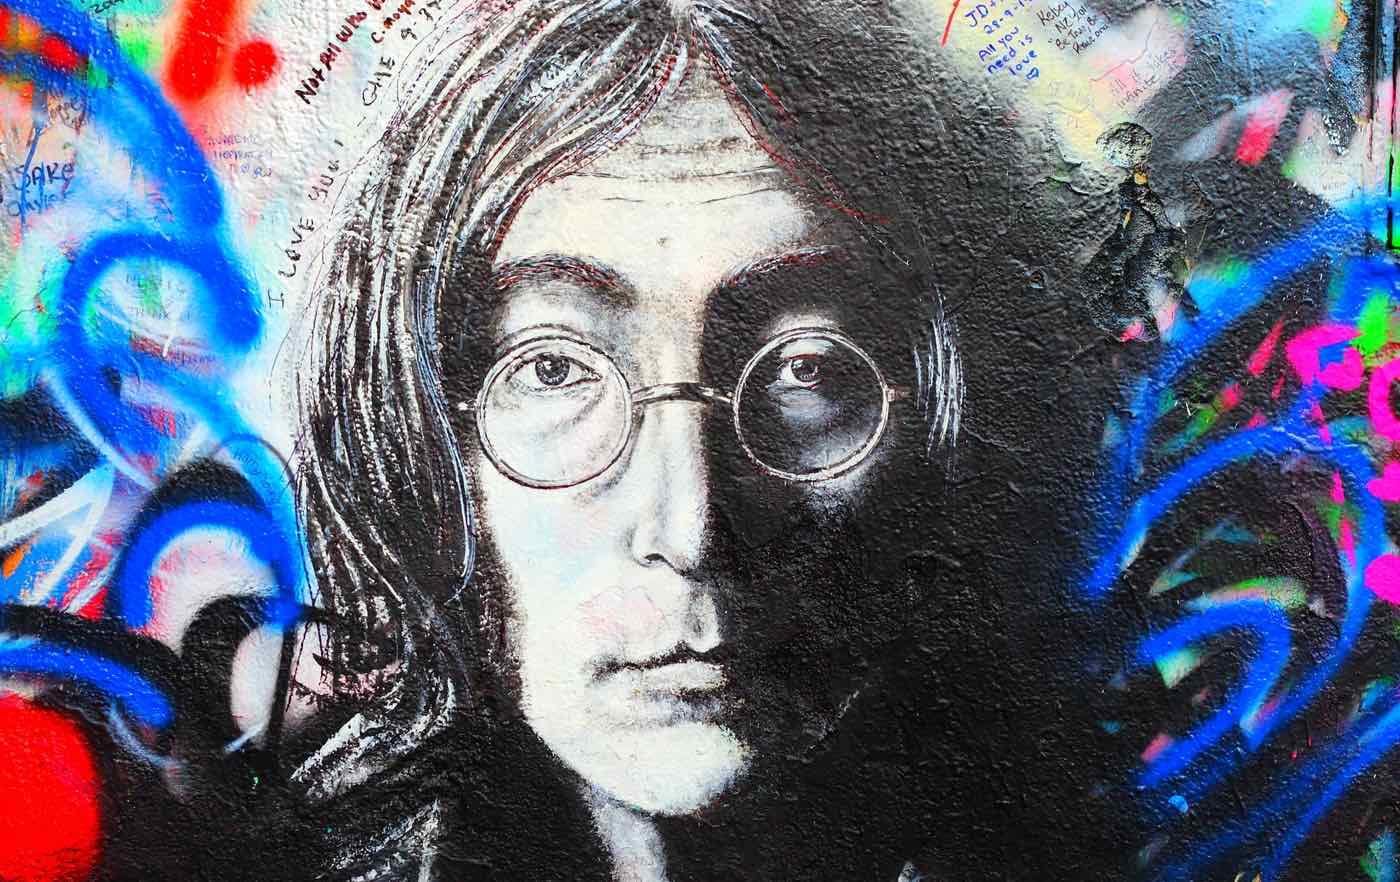 Las gafas de sol redondas de John Lennon se venden por $200.000